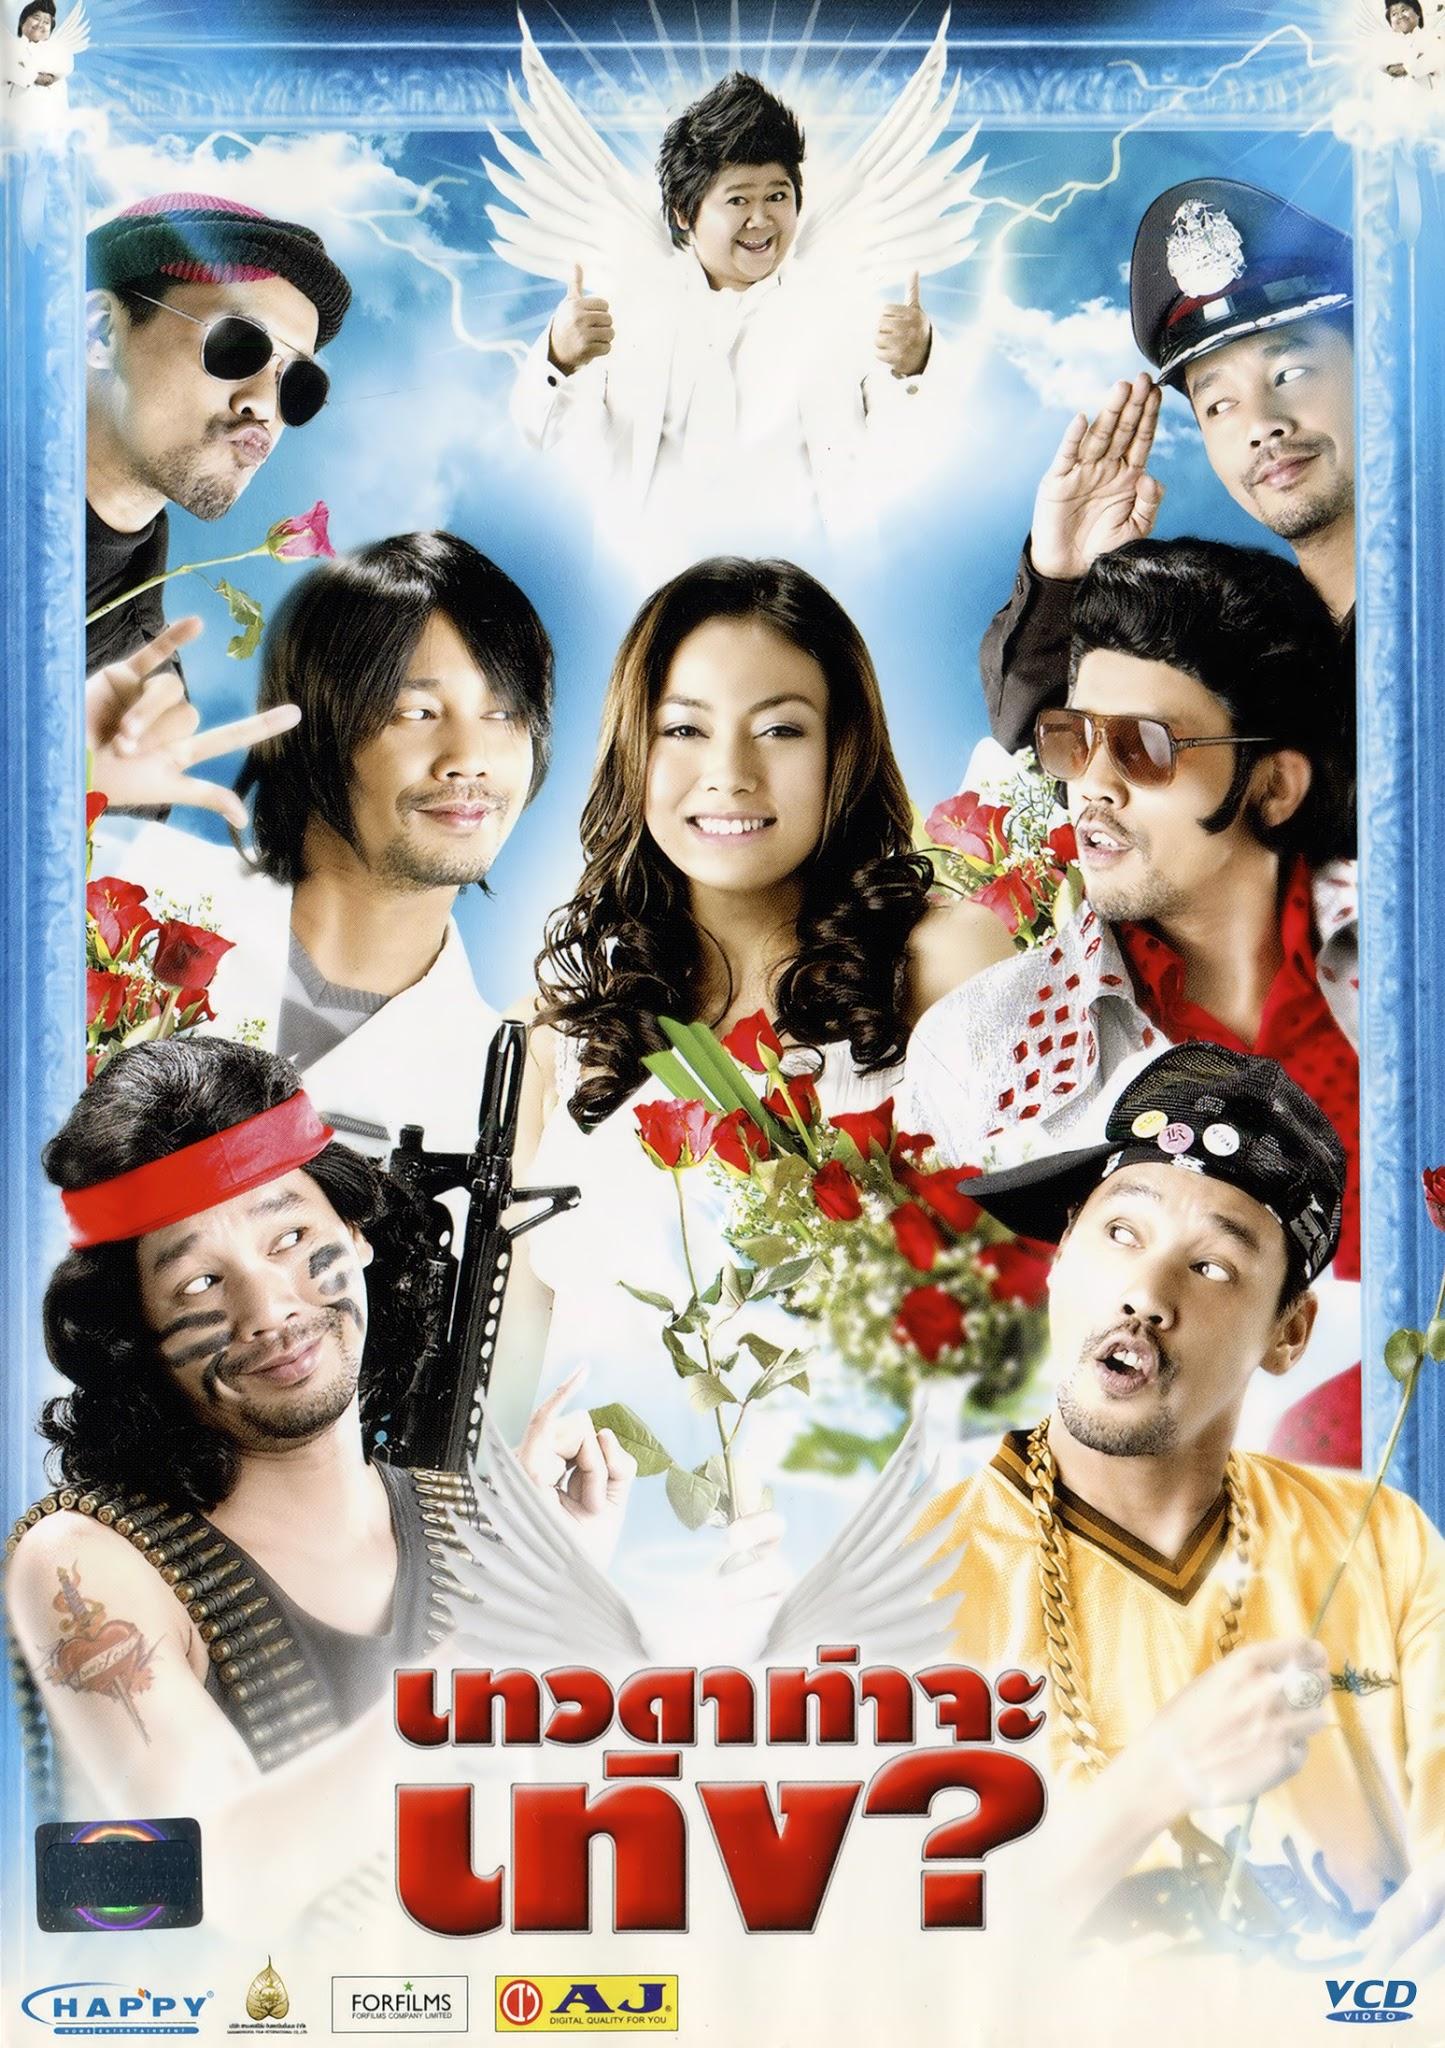 นานาภาพยนตร์: หนังไทย(2551)เรื่อง เทวดาท่าจะเท่ง Tengs Angel - เท่ง  เถิดเทิง, บงกช คงมาลัย, โก๊ะตี๋ อารามบอย (VCD)